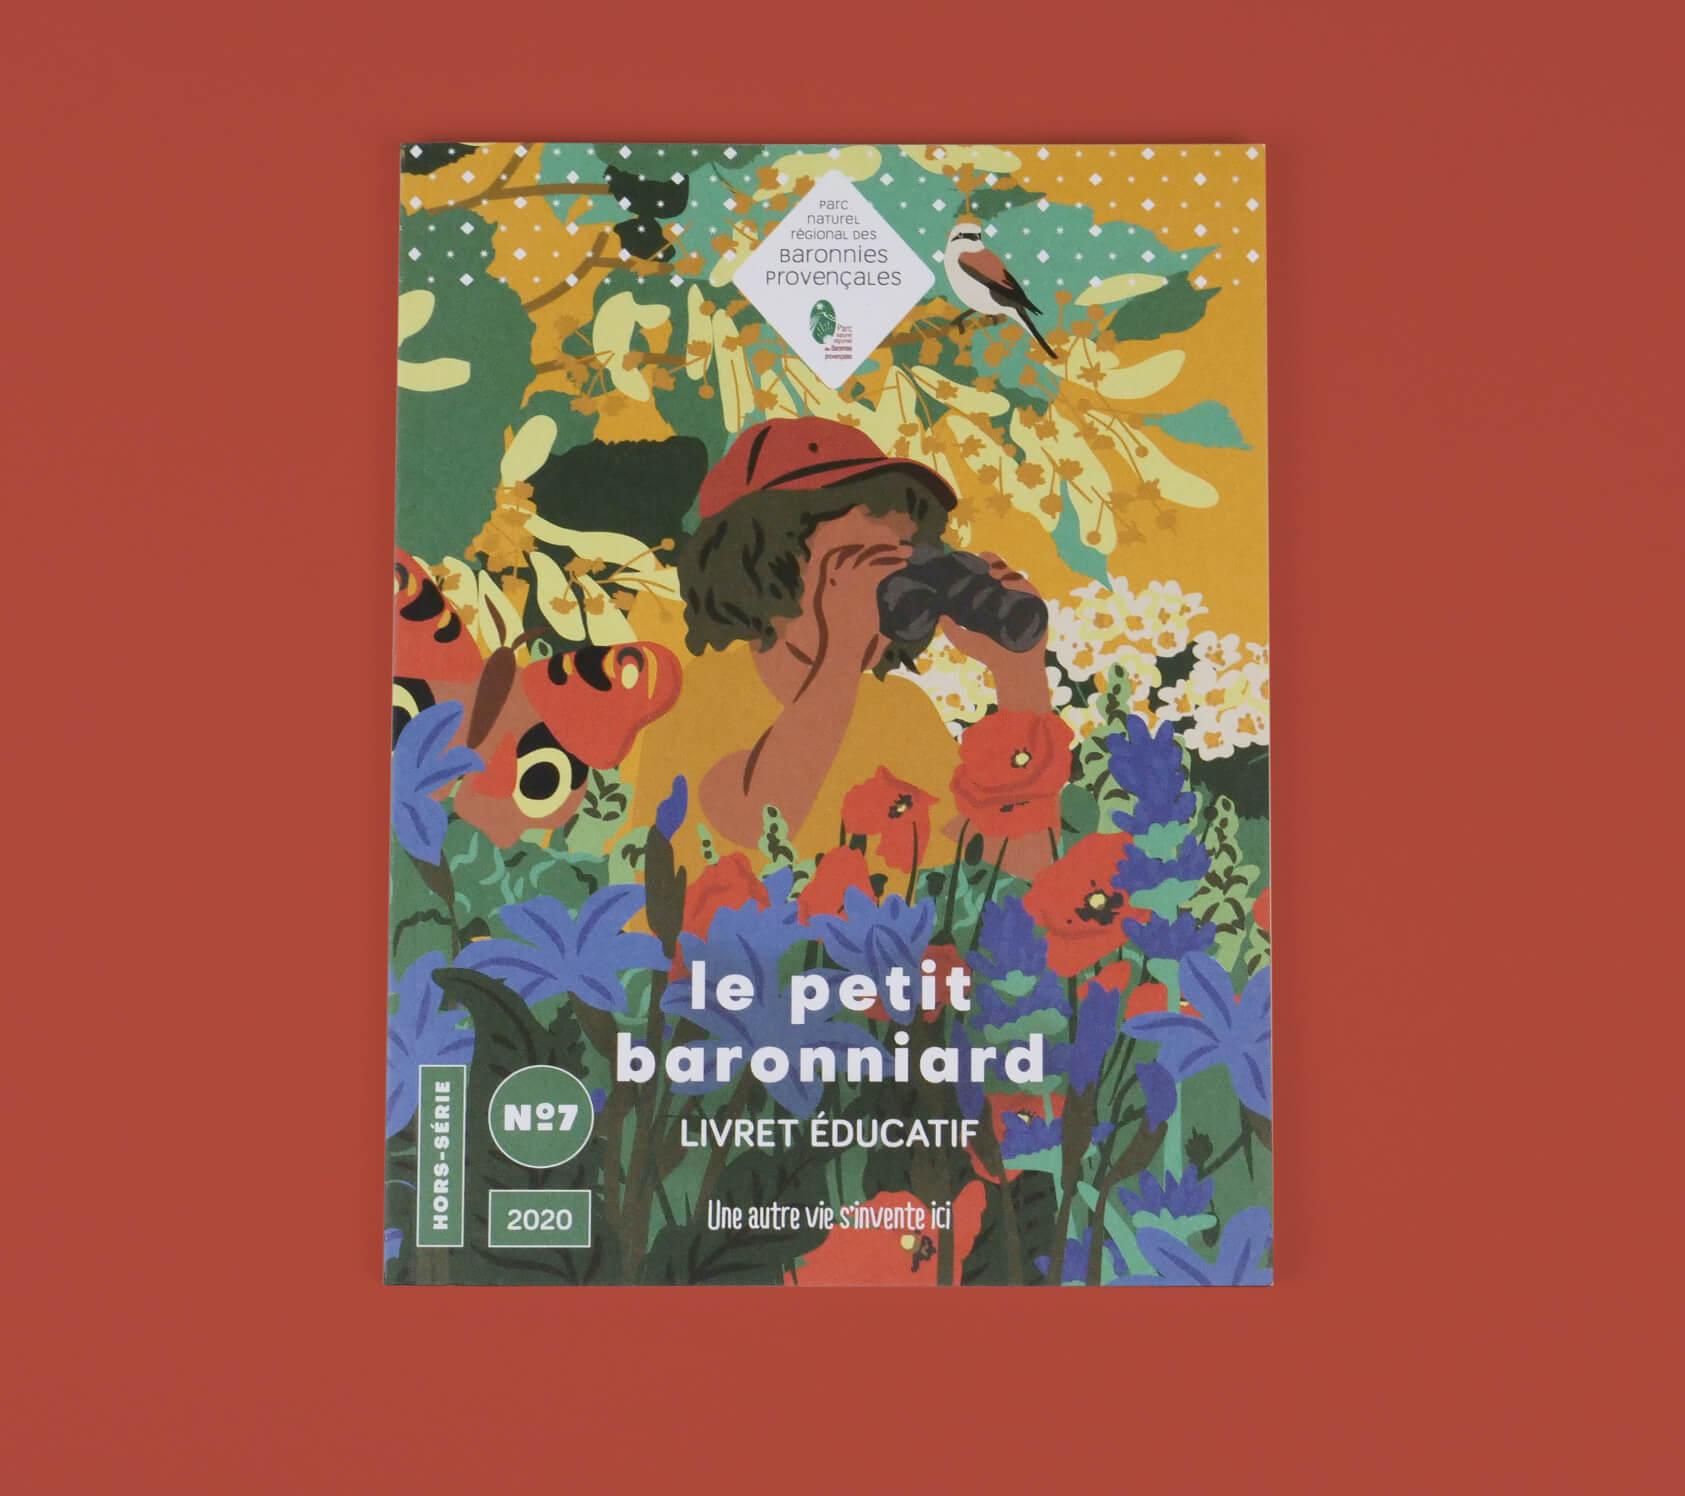 couverture du magazine le petit baronniard - illustration par champ libre